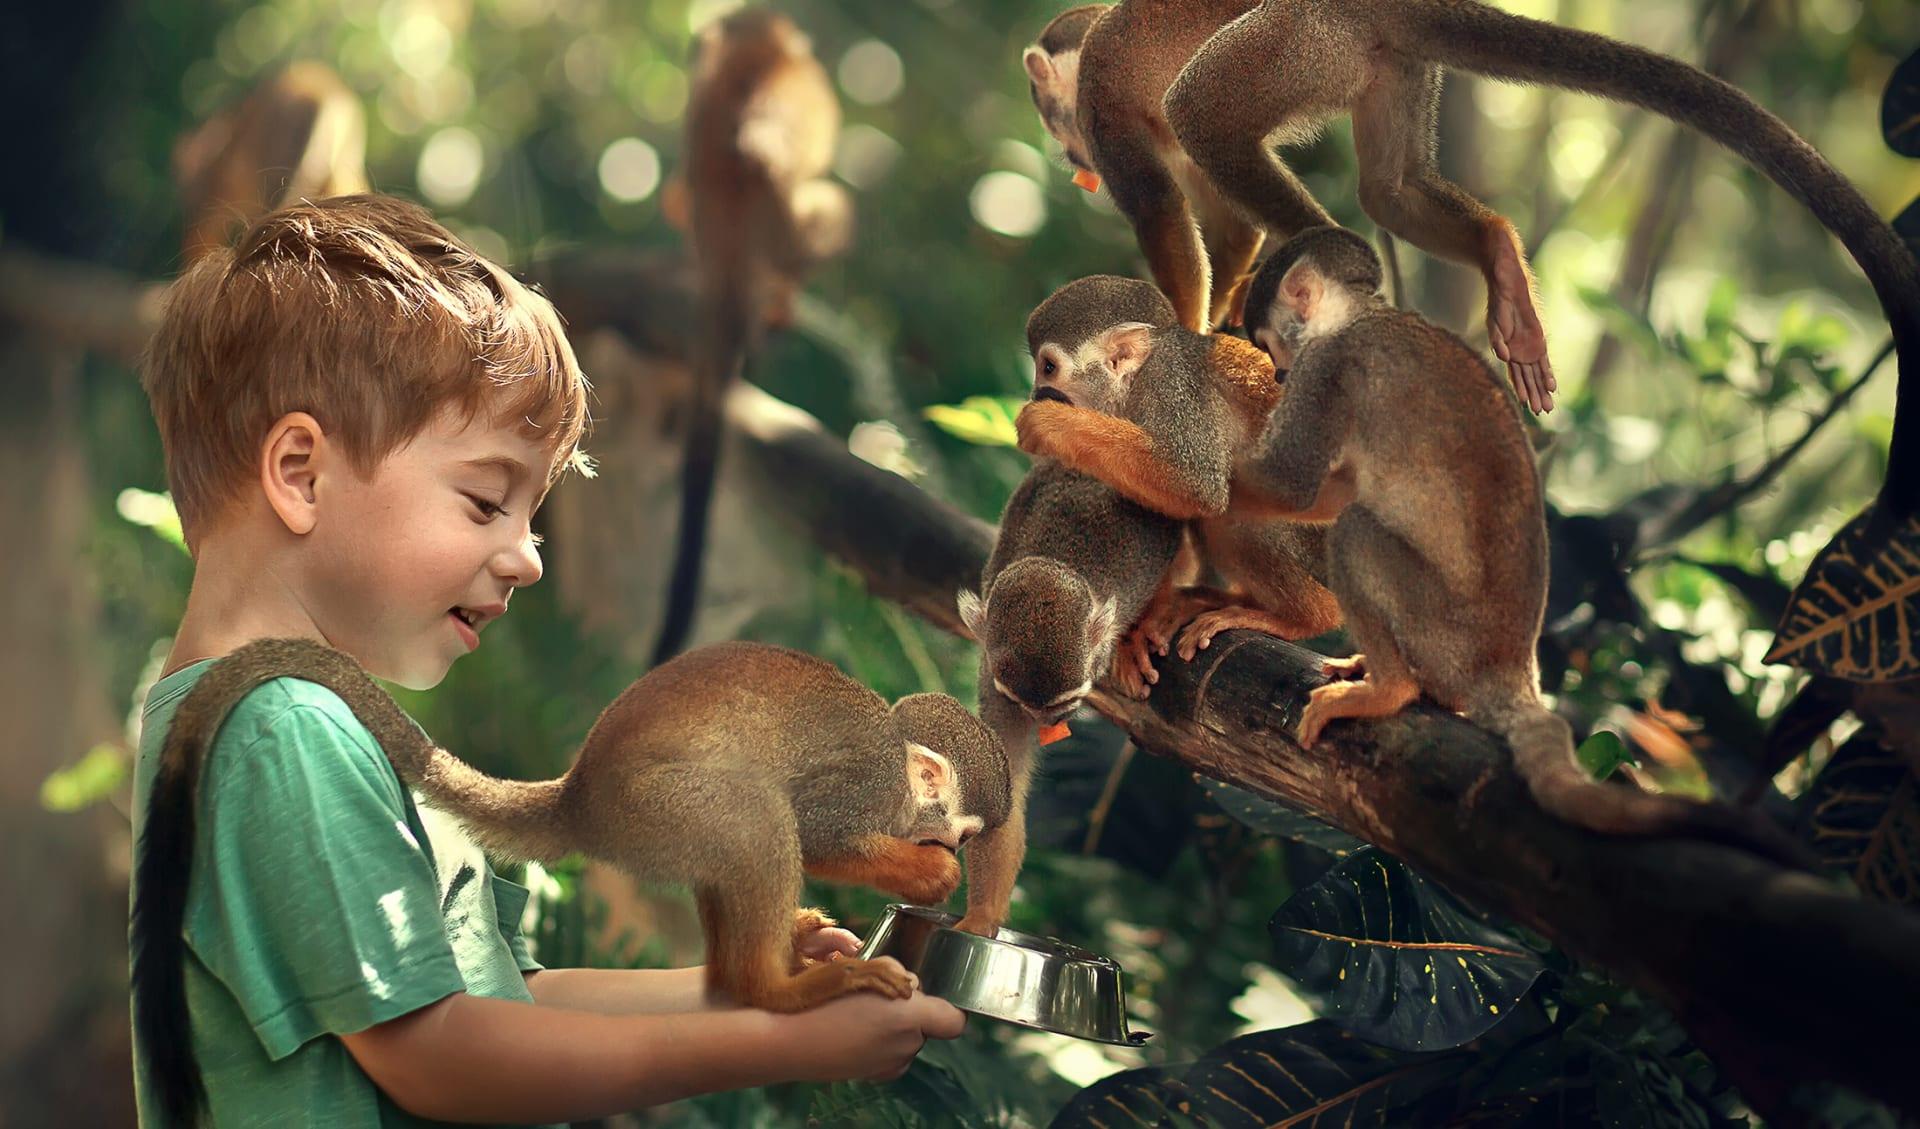 Cute kleine Junge ernährt Affen in der Dominikanischen Republik. Bild mit selektivem Fokus und Toning.